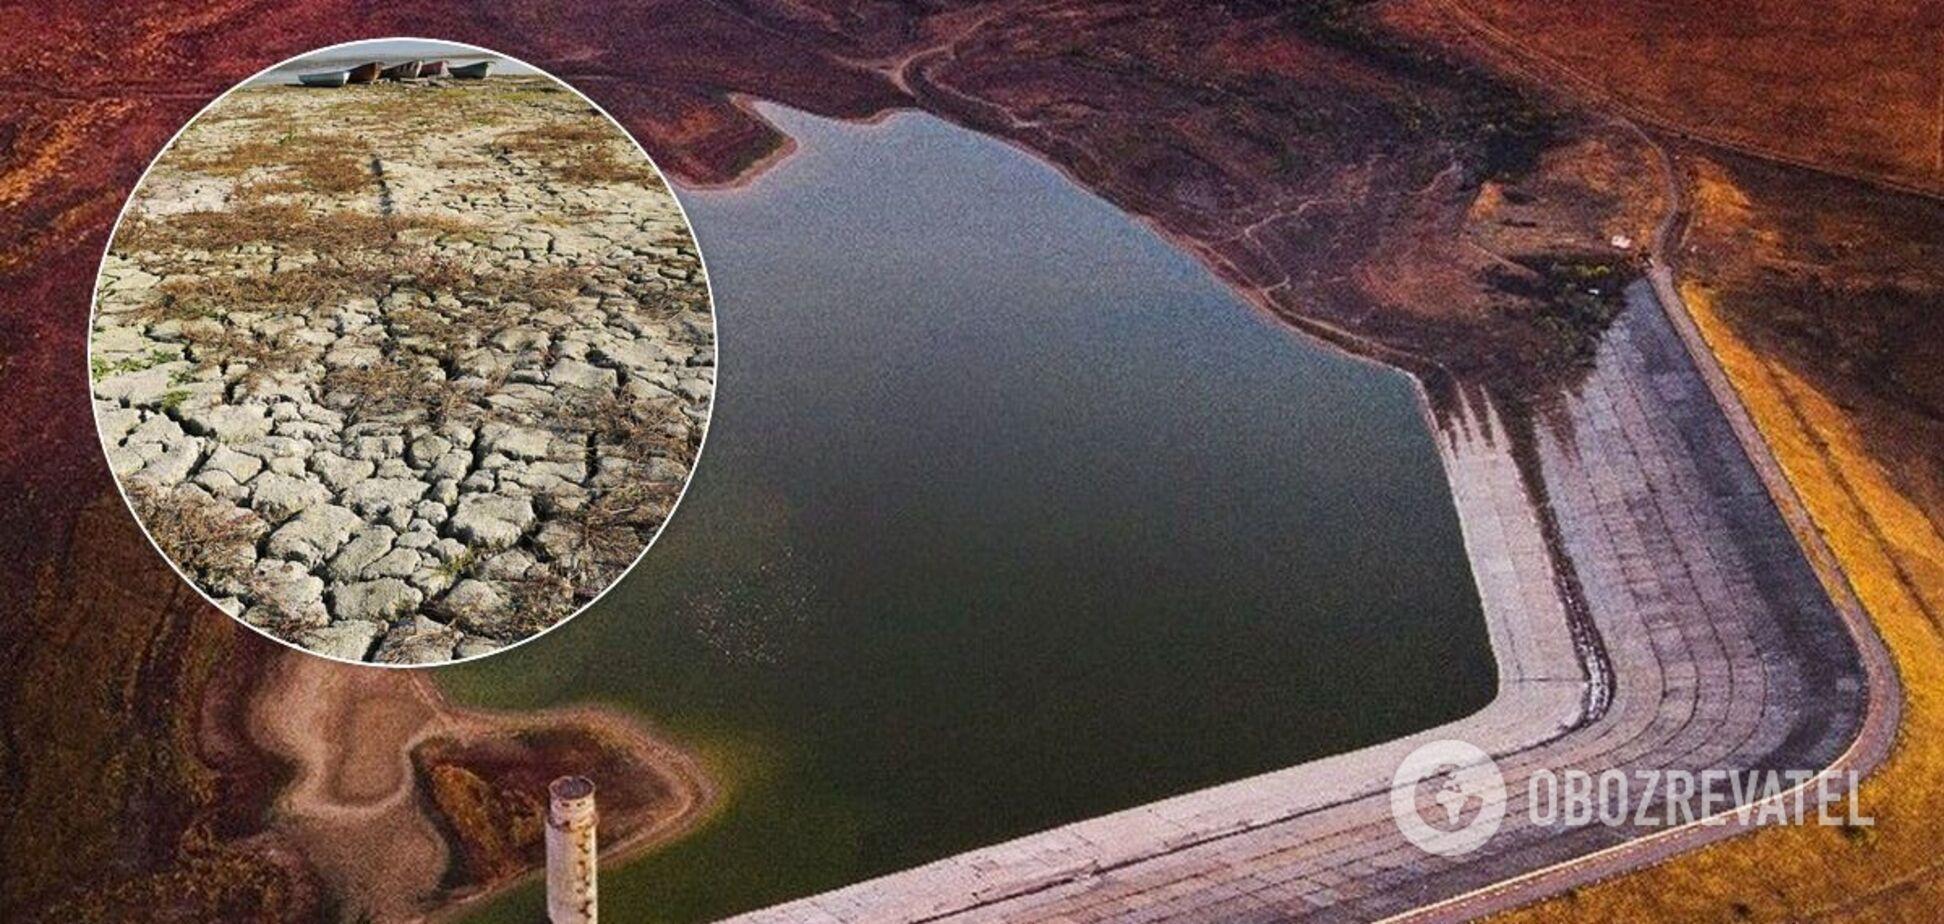 Катастрофа с водой в Крыму даже не обсуждается, – Бабин